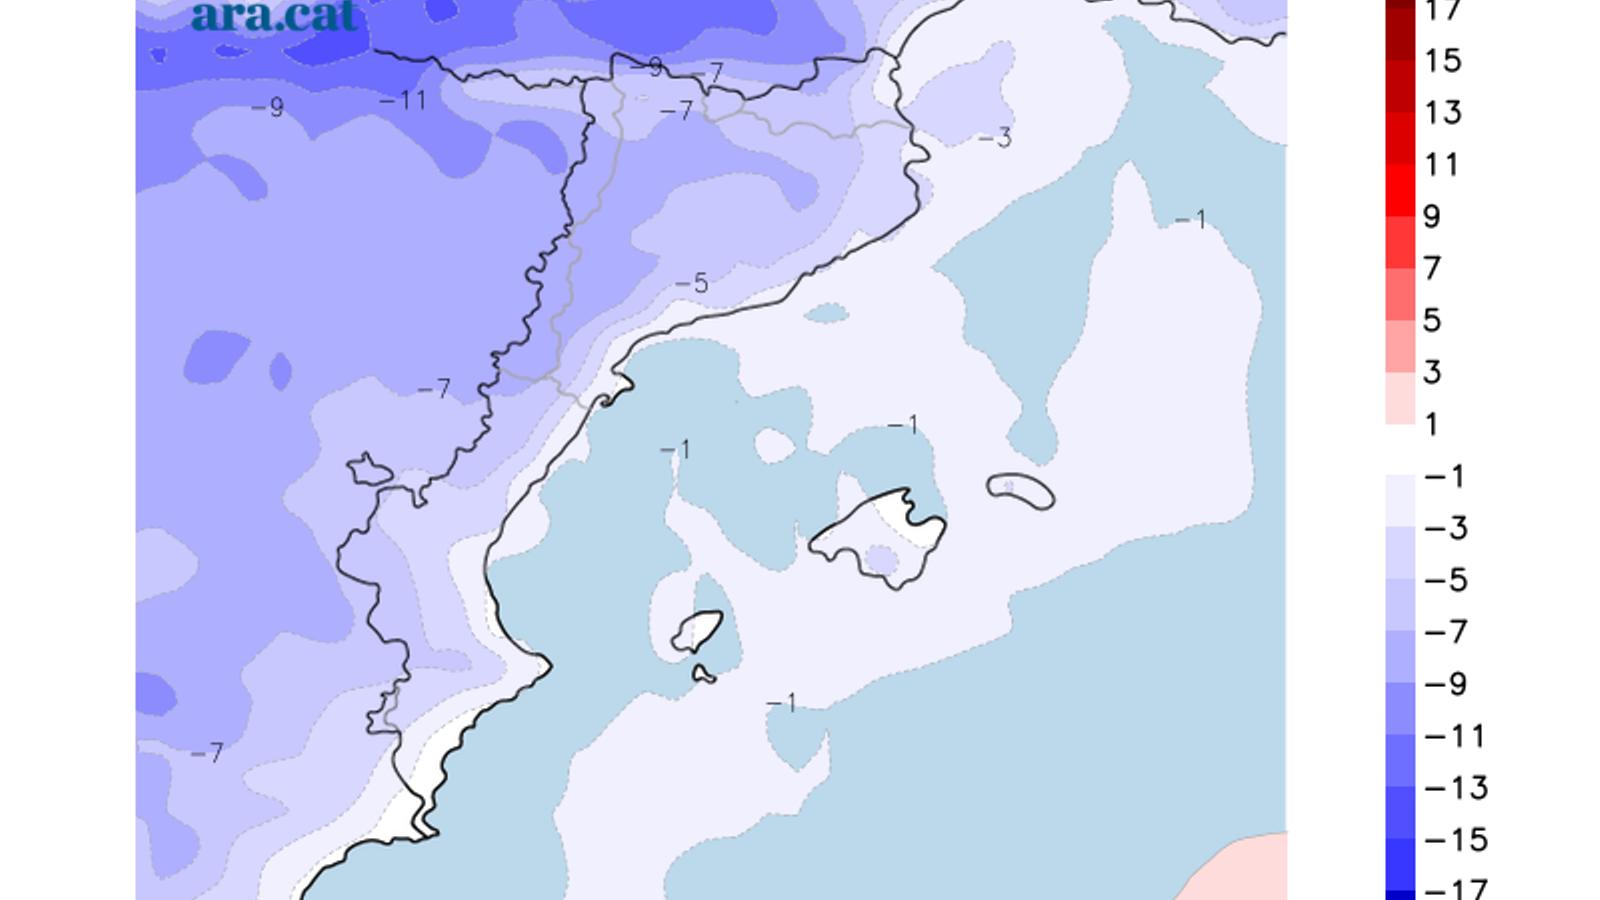 Diferència prevista entre la temperatura màxima d'avui i la de dimarts vinent